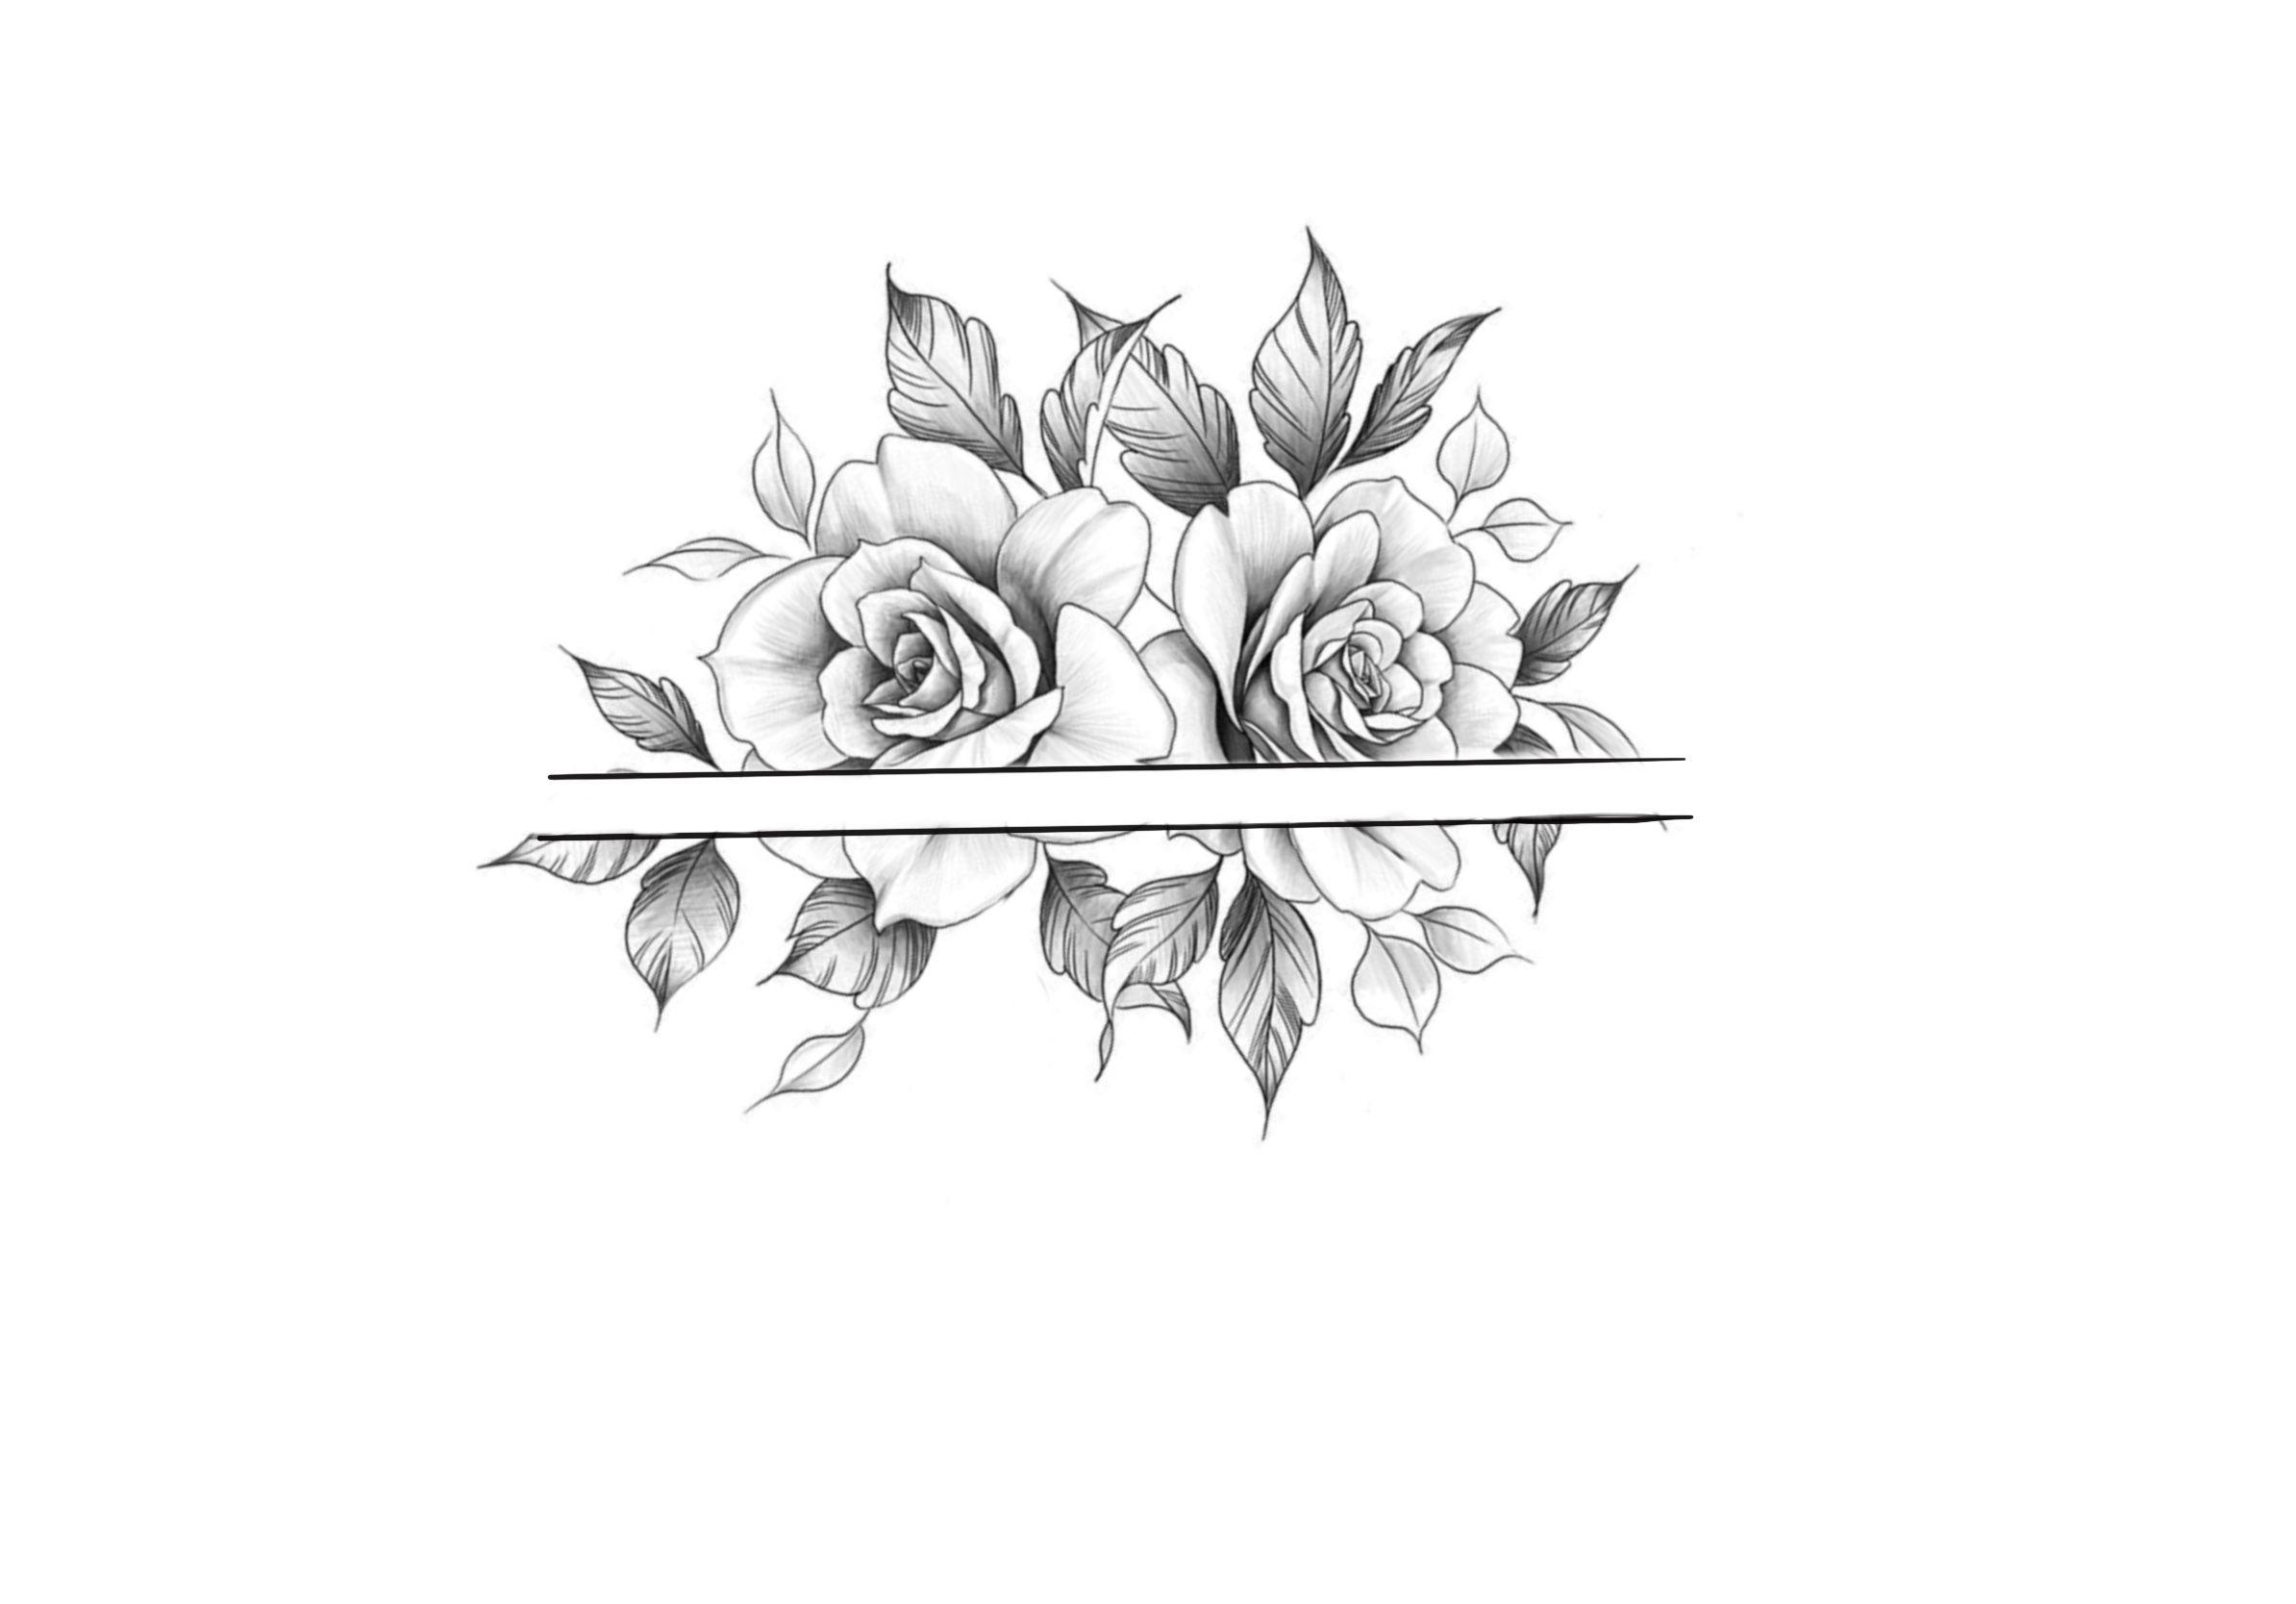 Pin By D Kula On Ipad Szkice Lotus Flower Tattoo Flower Tattoo Tattoo Designs